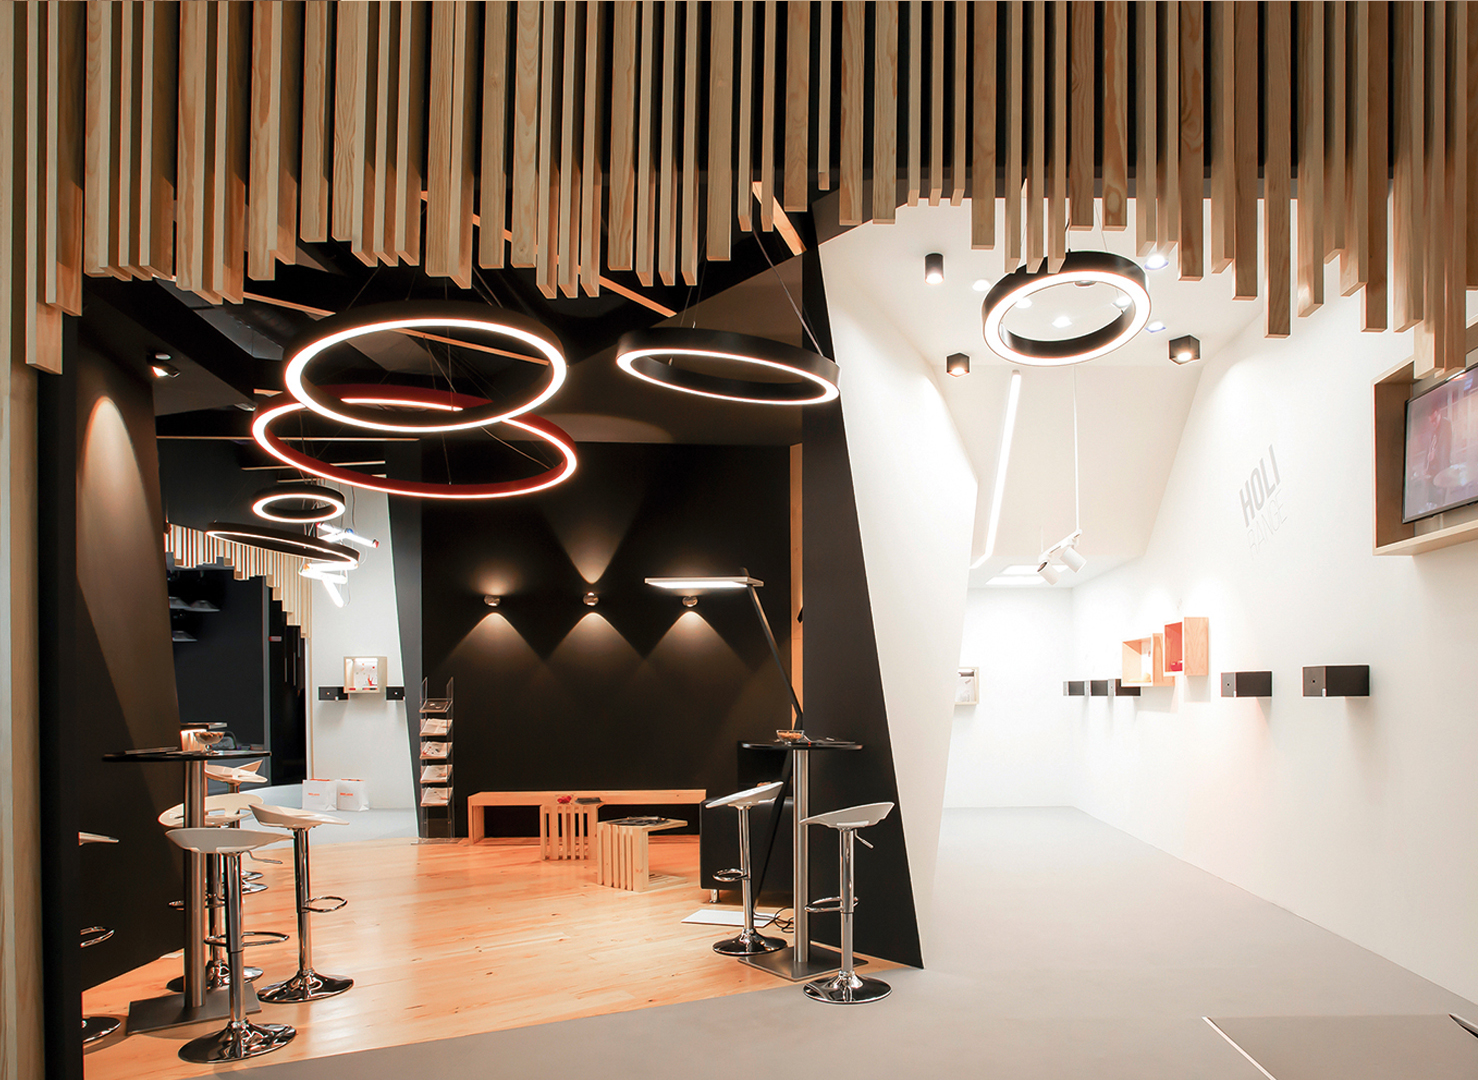 Concept O Stand L&B 2016 Indelague Roxo Lighting